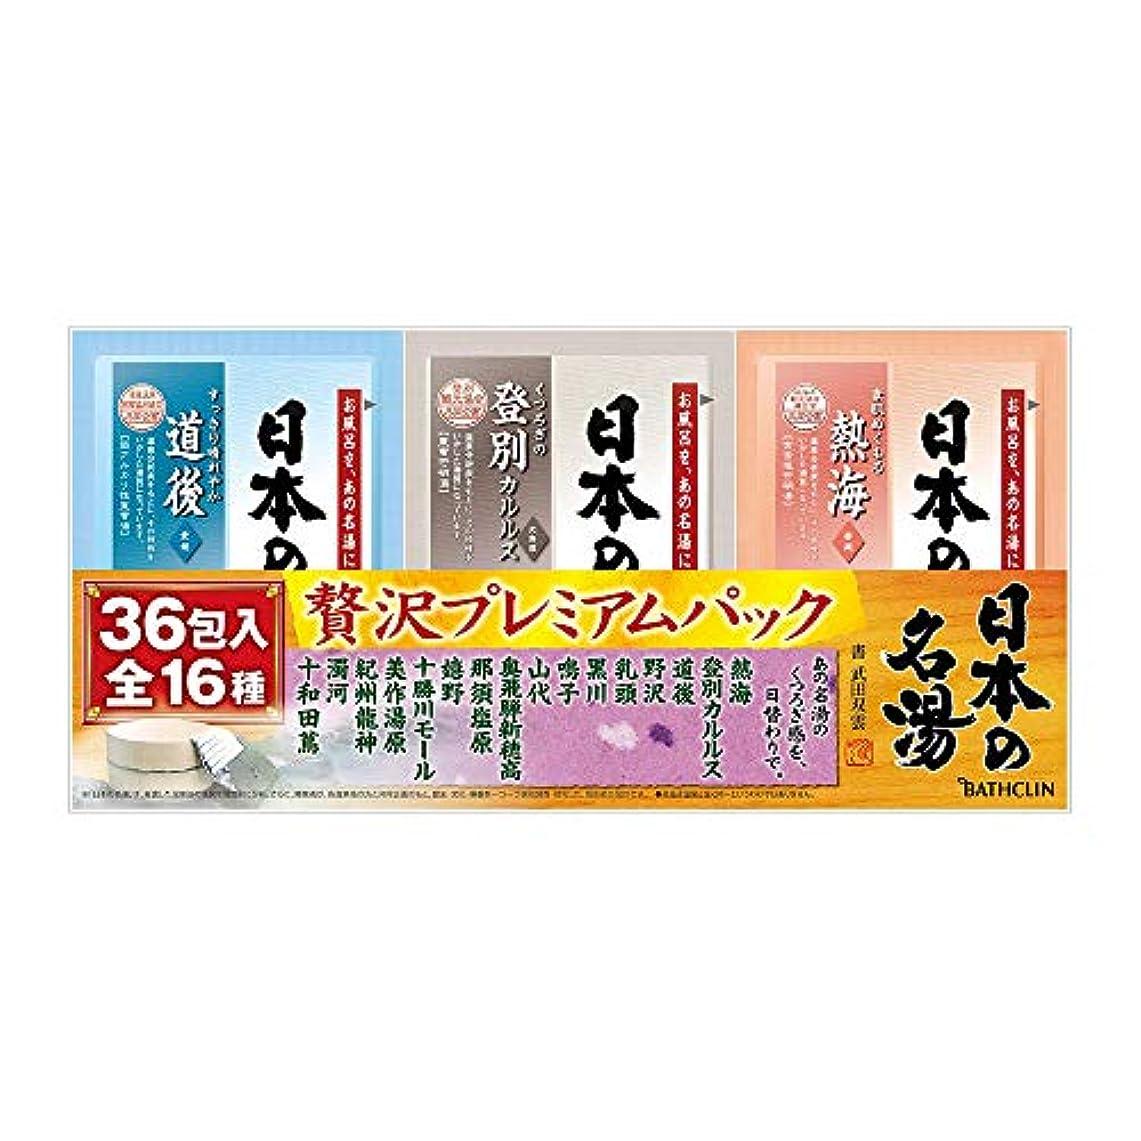 災害過度のむしろ【医薬部外品/大容量】日本の名湯入浴剤 贅沢プレミアムパック36包入 個包装 詰め合わせ 温泉タイプ